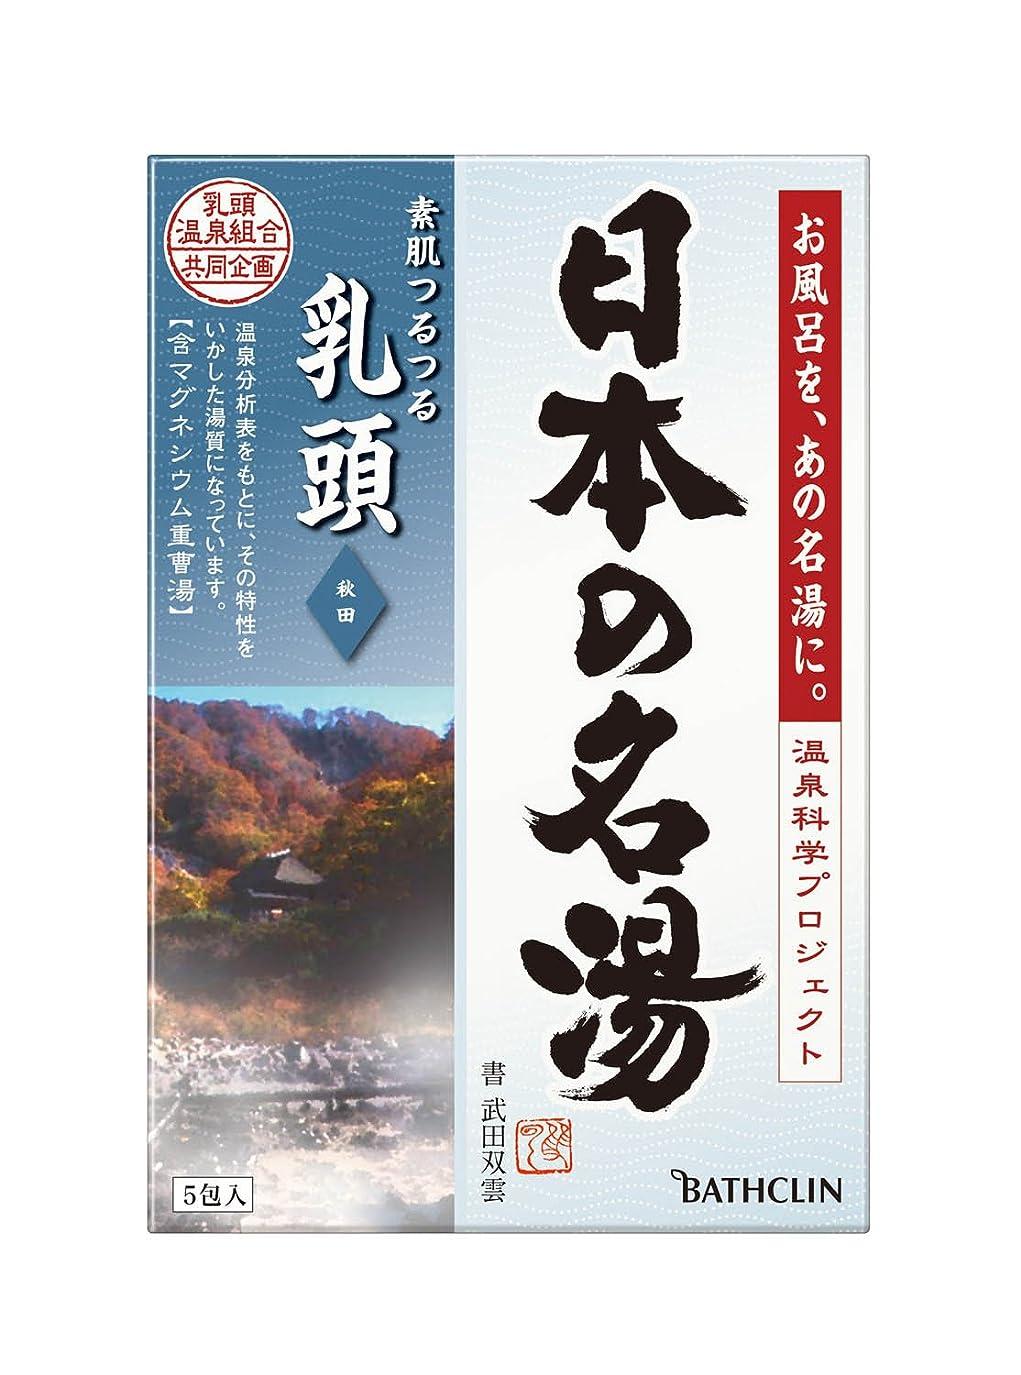 高架昇るお【医薬部外品】日本の名湯入浴剤 乳頭(秋田) 30g ×5包 にごりタイプ 個包装 温泉タイプ